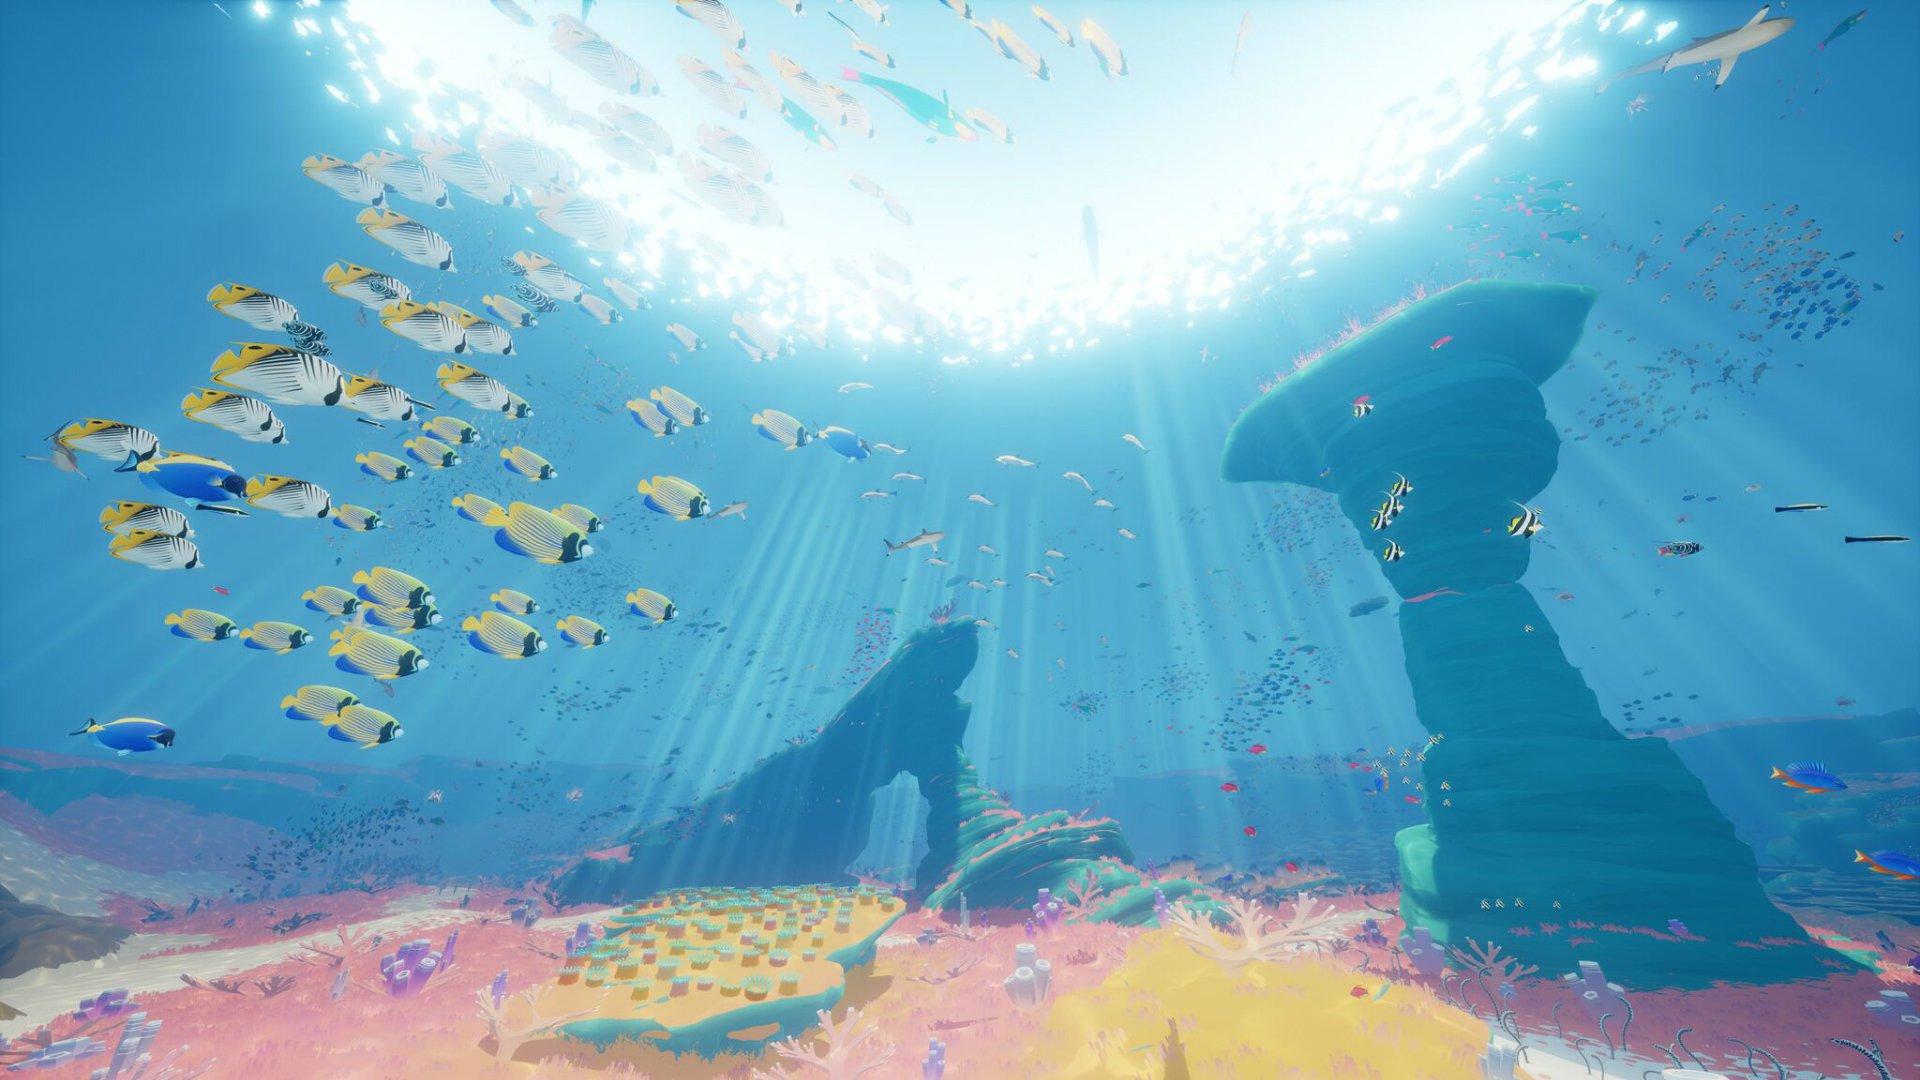 yepthosearefish-noscale